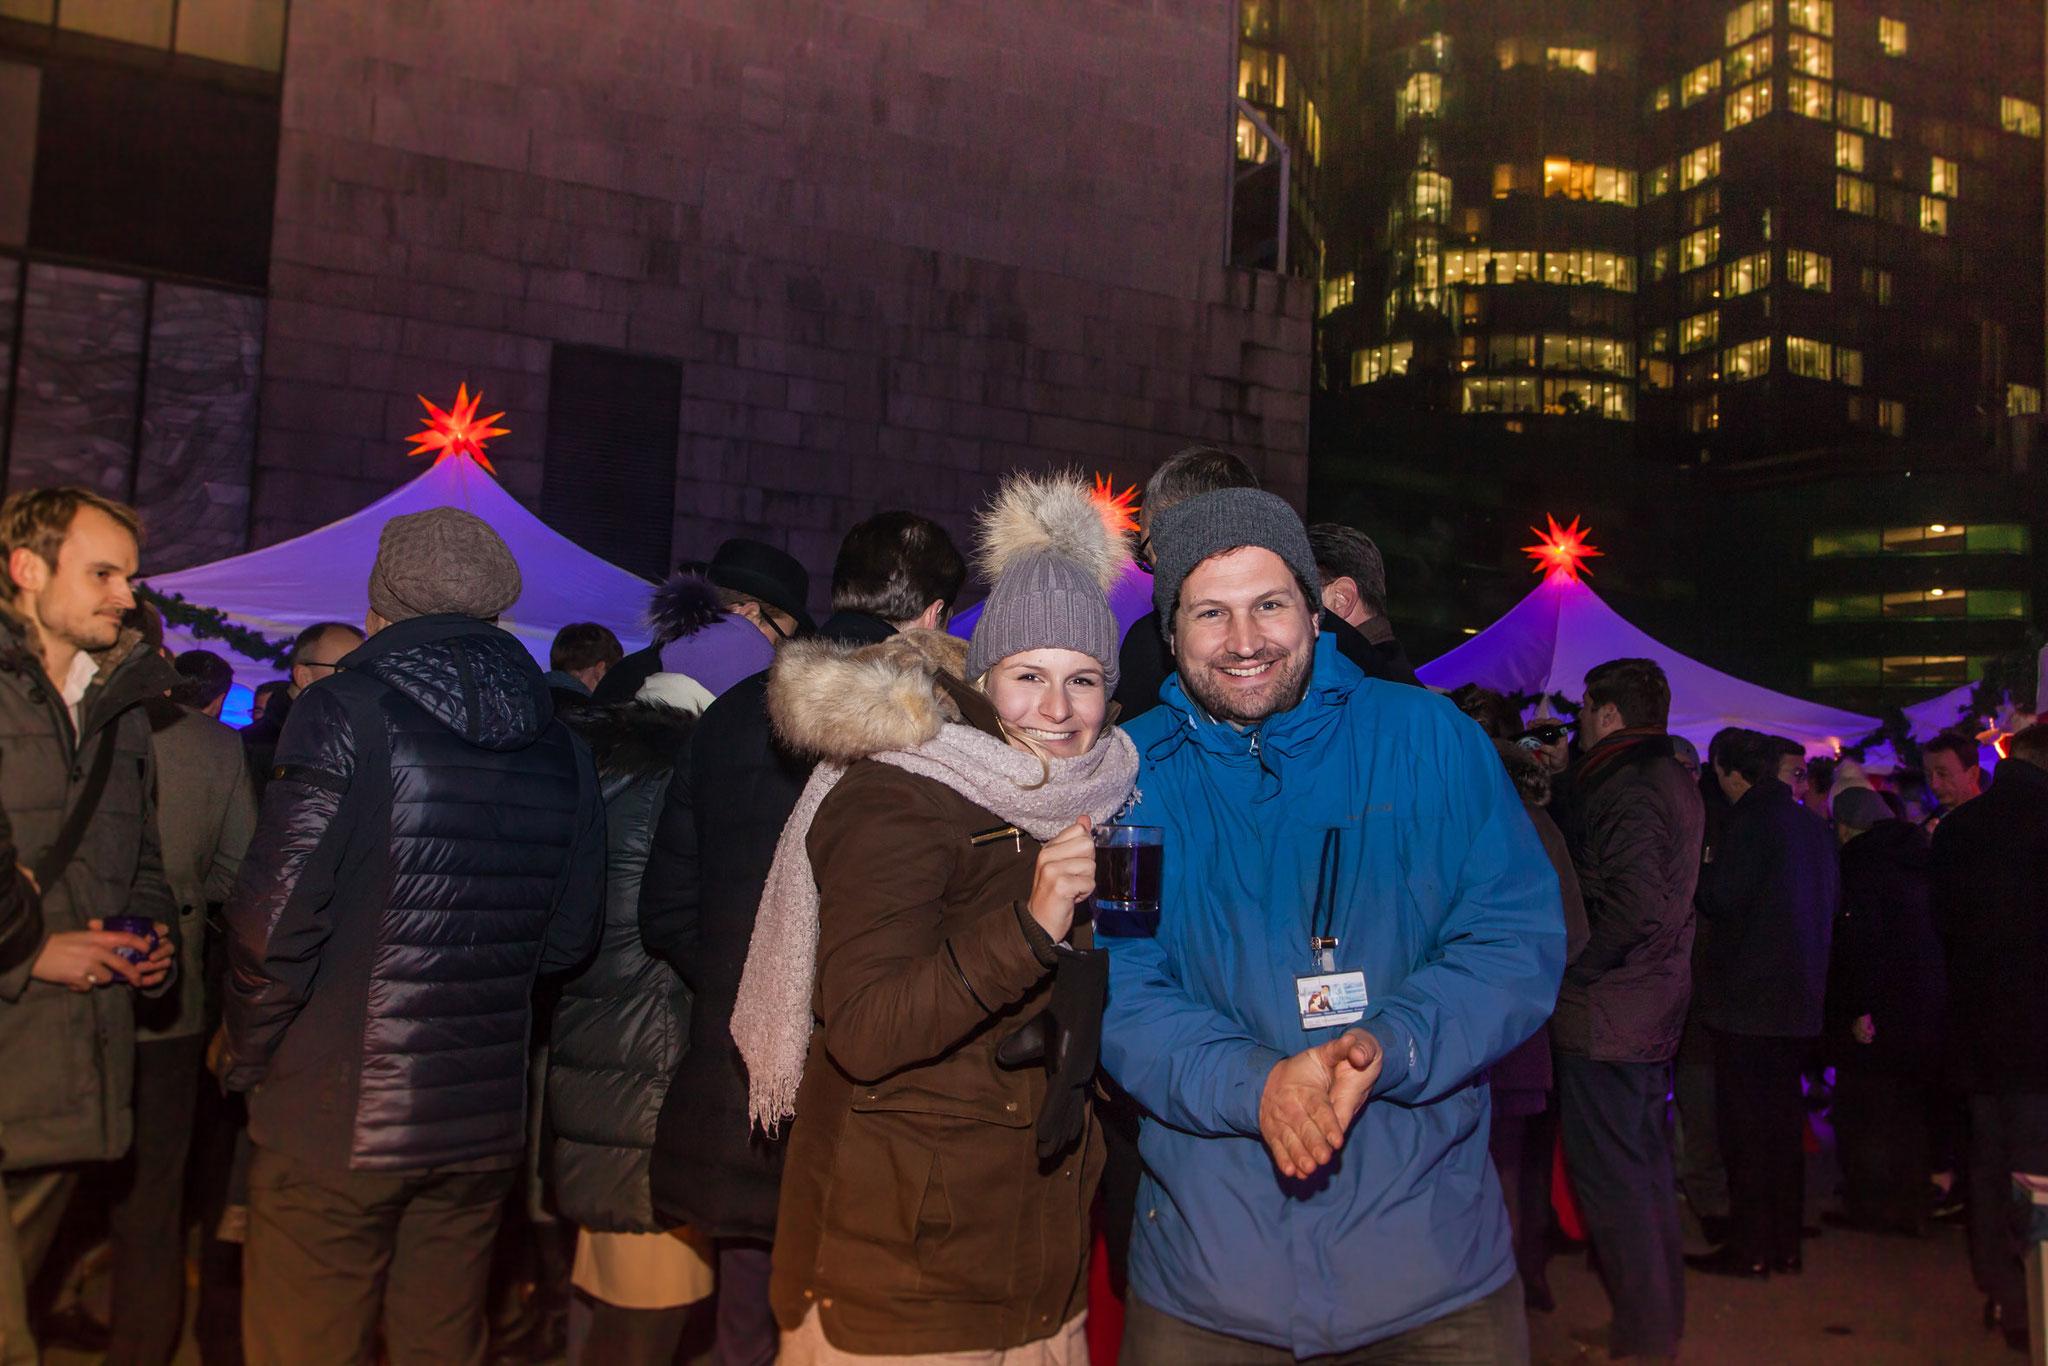 """<h2>""""Danke für das Weihnachtsfeeling, dass Sie unseren Gästen und uns vermittelt haben und vor allem Danke für die schöne Dekoration und unser kleines Winter-Wonderland mitten in Frankfurt.""""</h2> Konzept: Mobiler Weihnachtsmarkt, Deutsche Bank"""